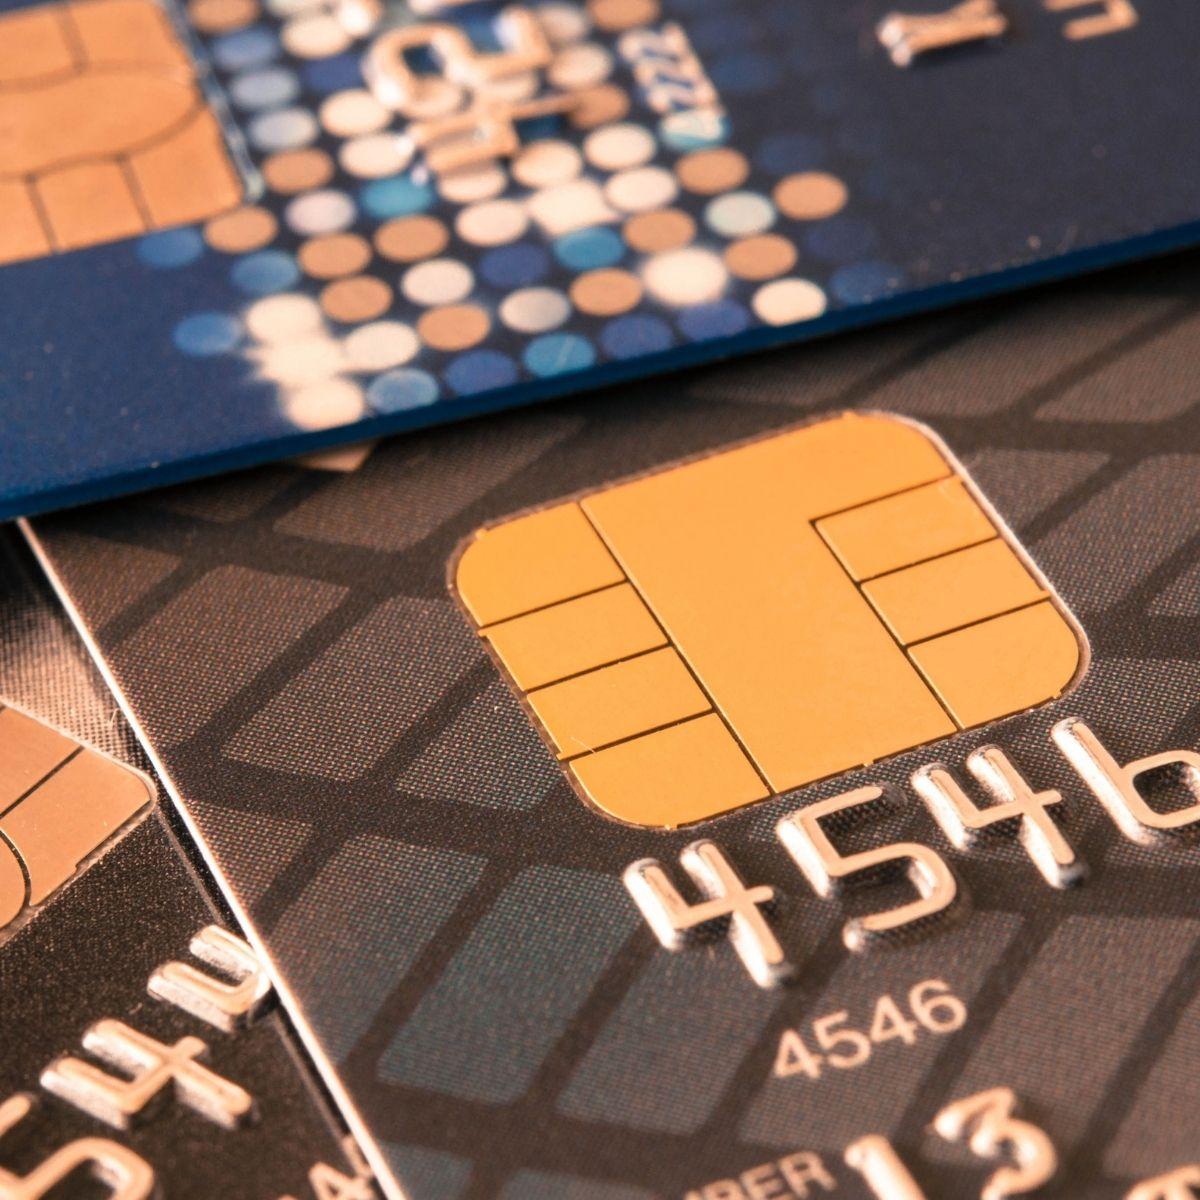 Por qué no me dan una tarjeta de crédito si el propio banco me la ofreció 6